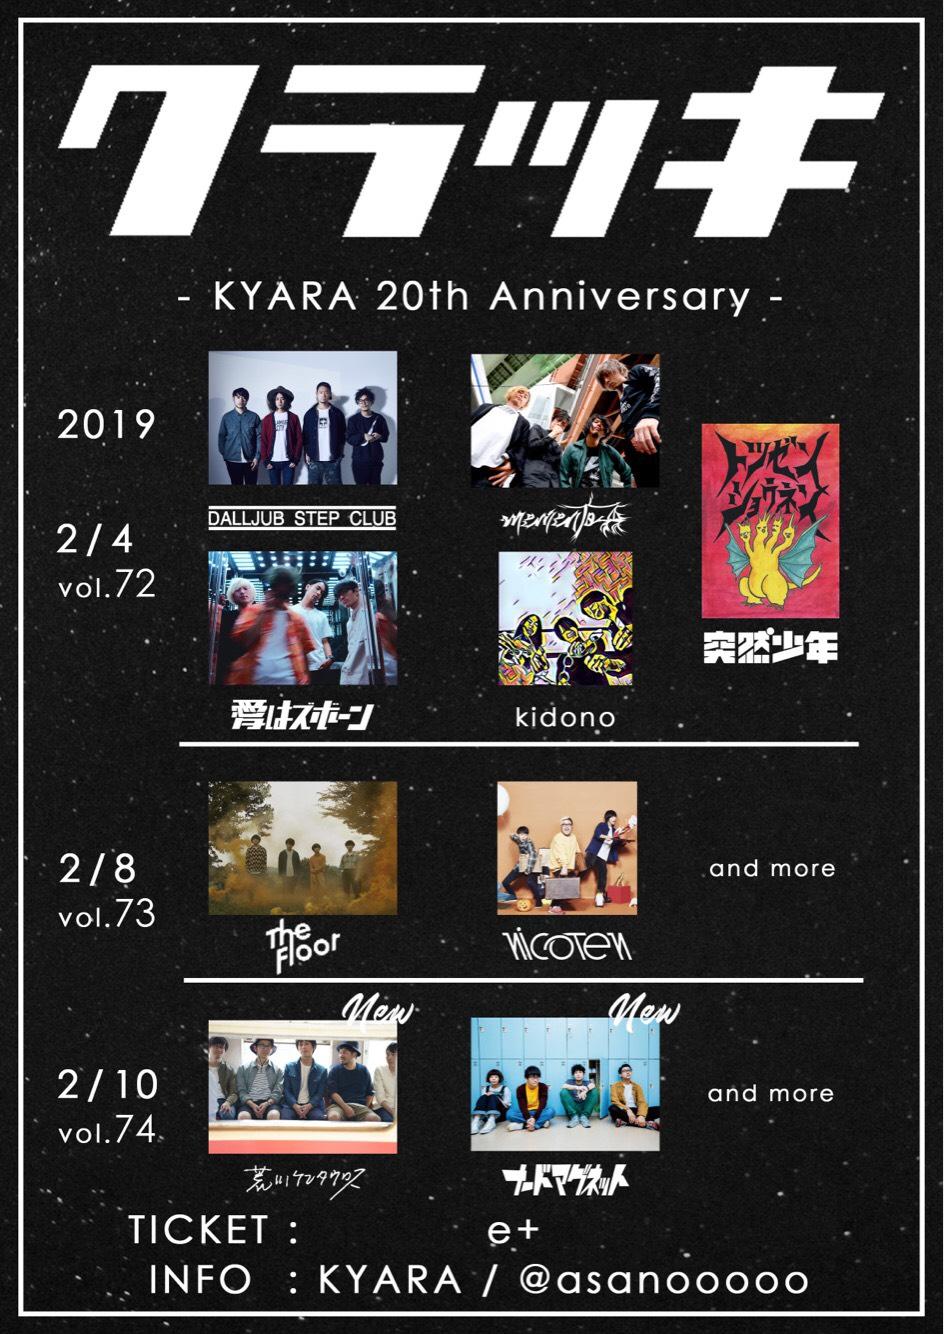 クラッキvol 74 kyara20th anniversary ナードマグネット official site